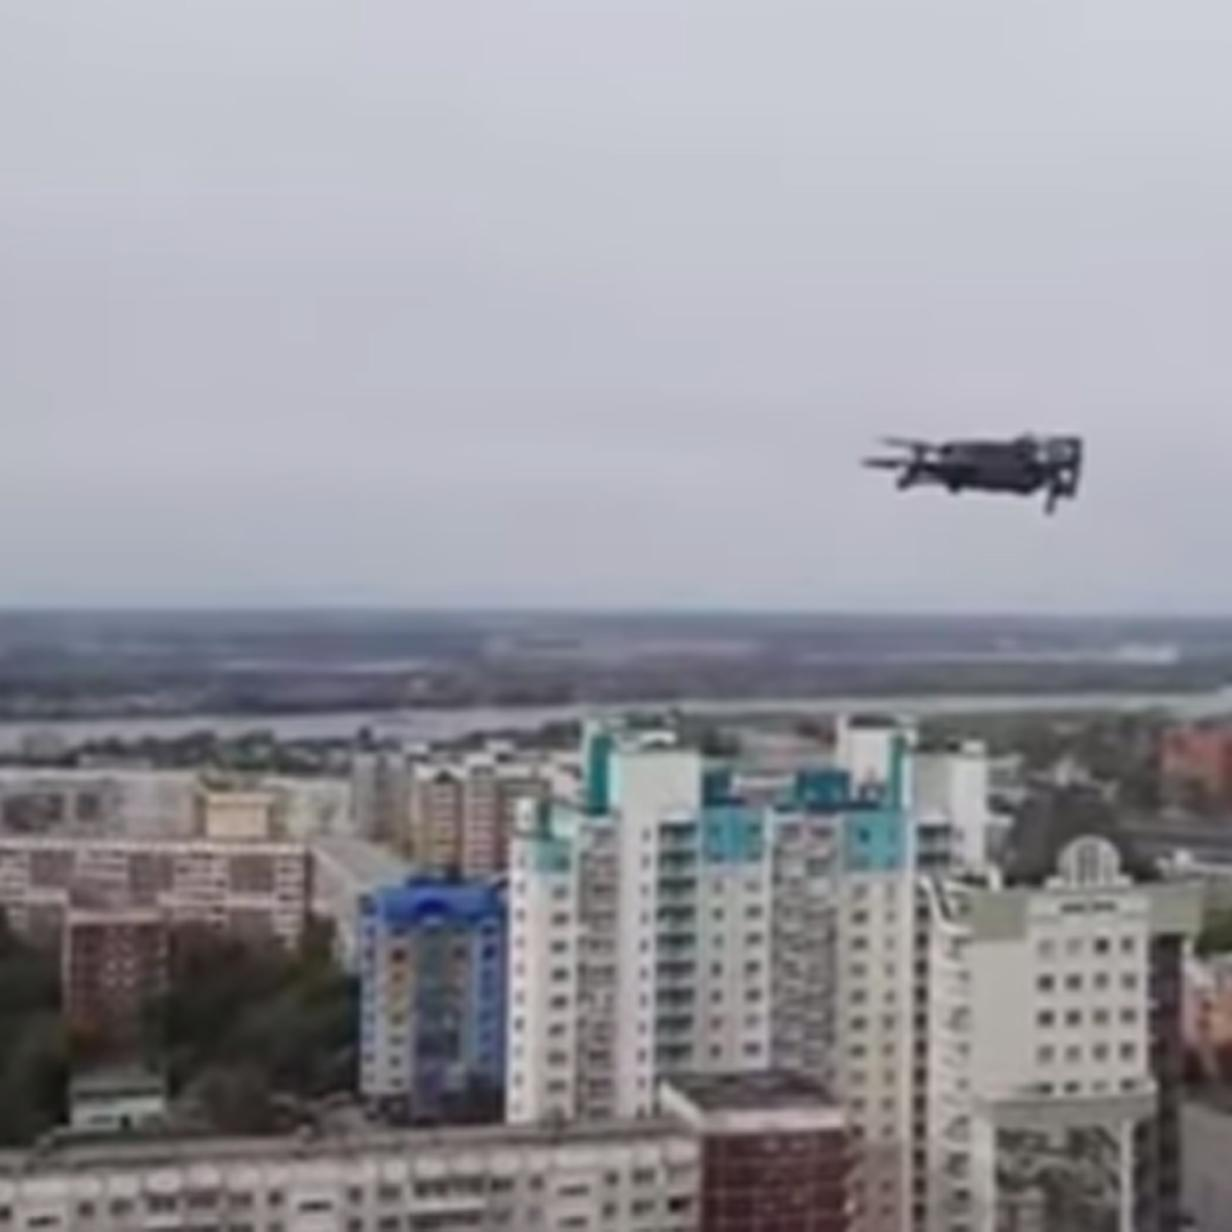 Video: Russischer Aktivist bringt Daten mit Drohne vor Polizei in Sicherheit